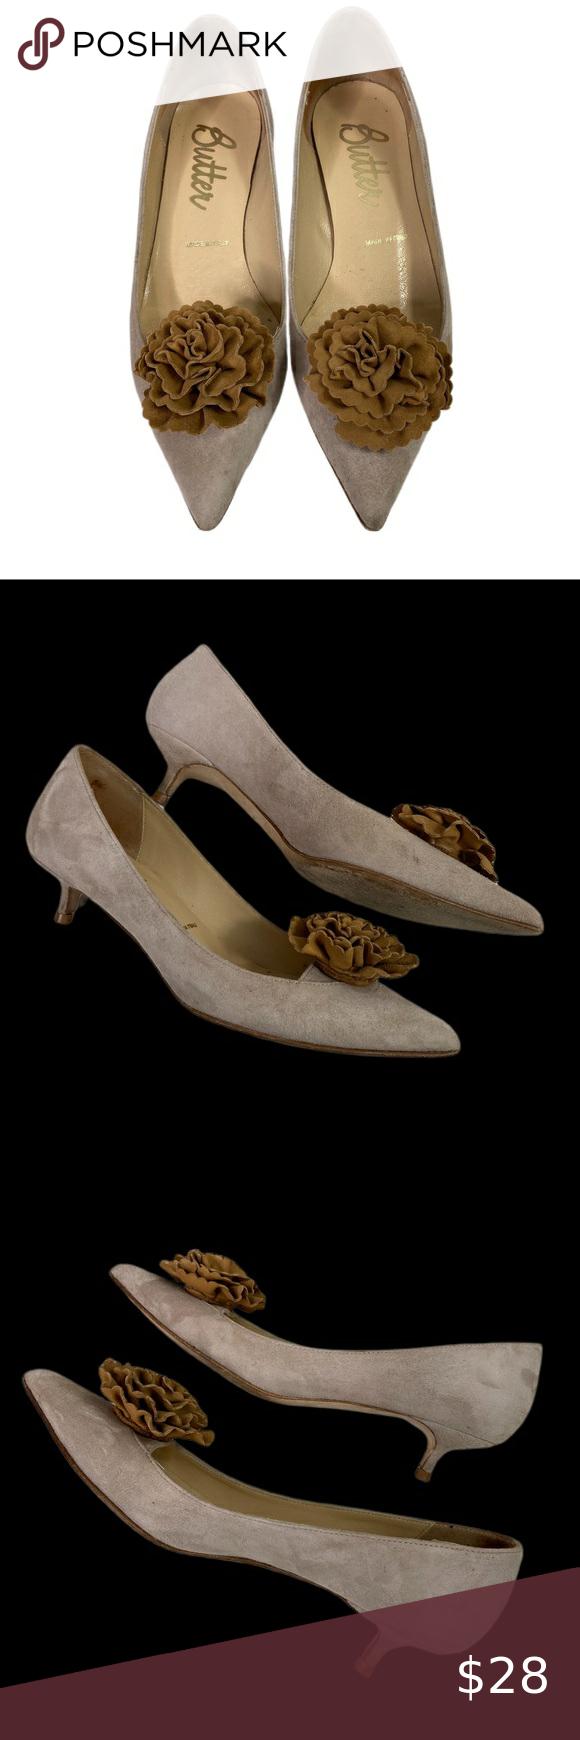 Butter Pointed Flower Toe Kitten Heels Sz 5 In 2020 Kitten Heels Shoes Women Heels Heels